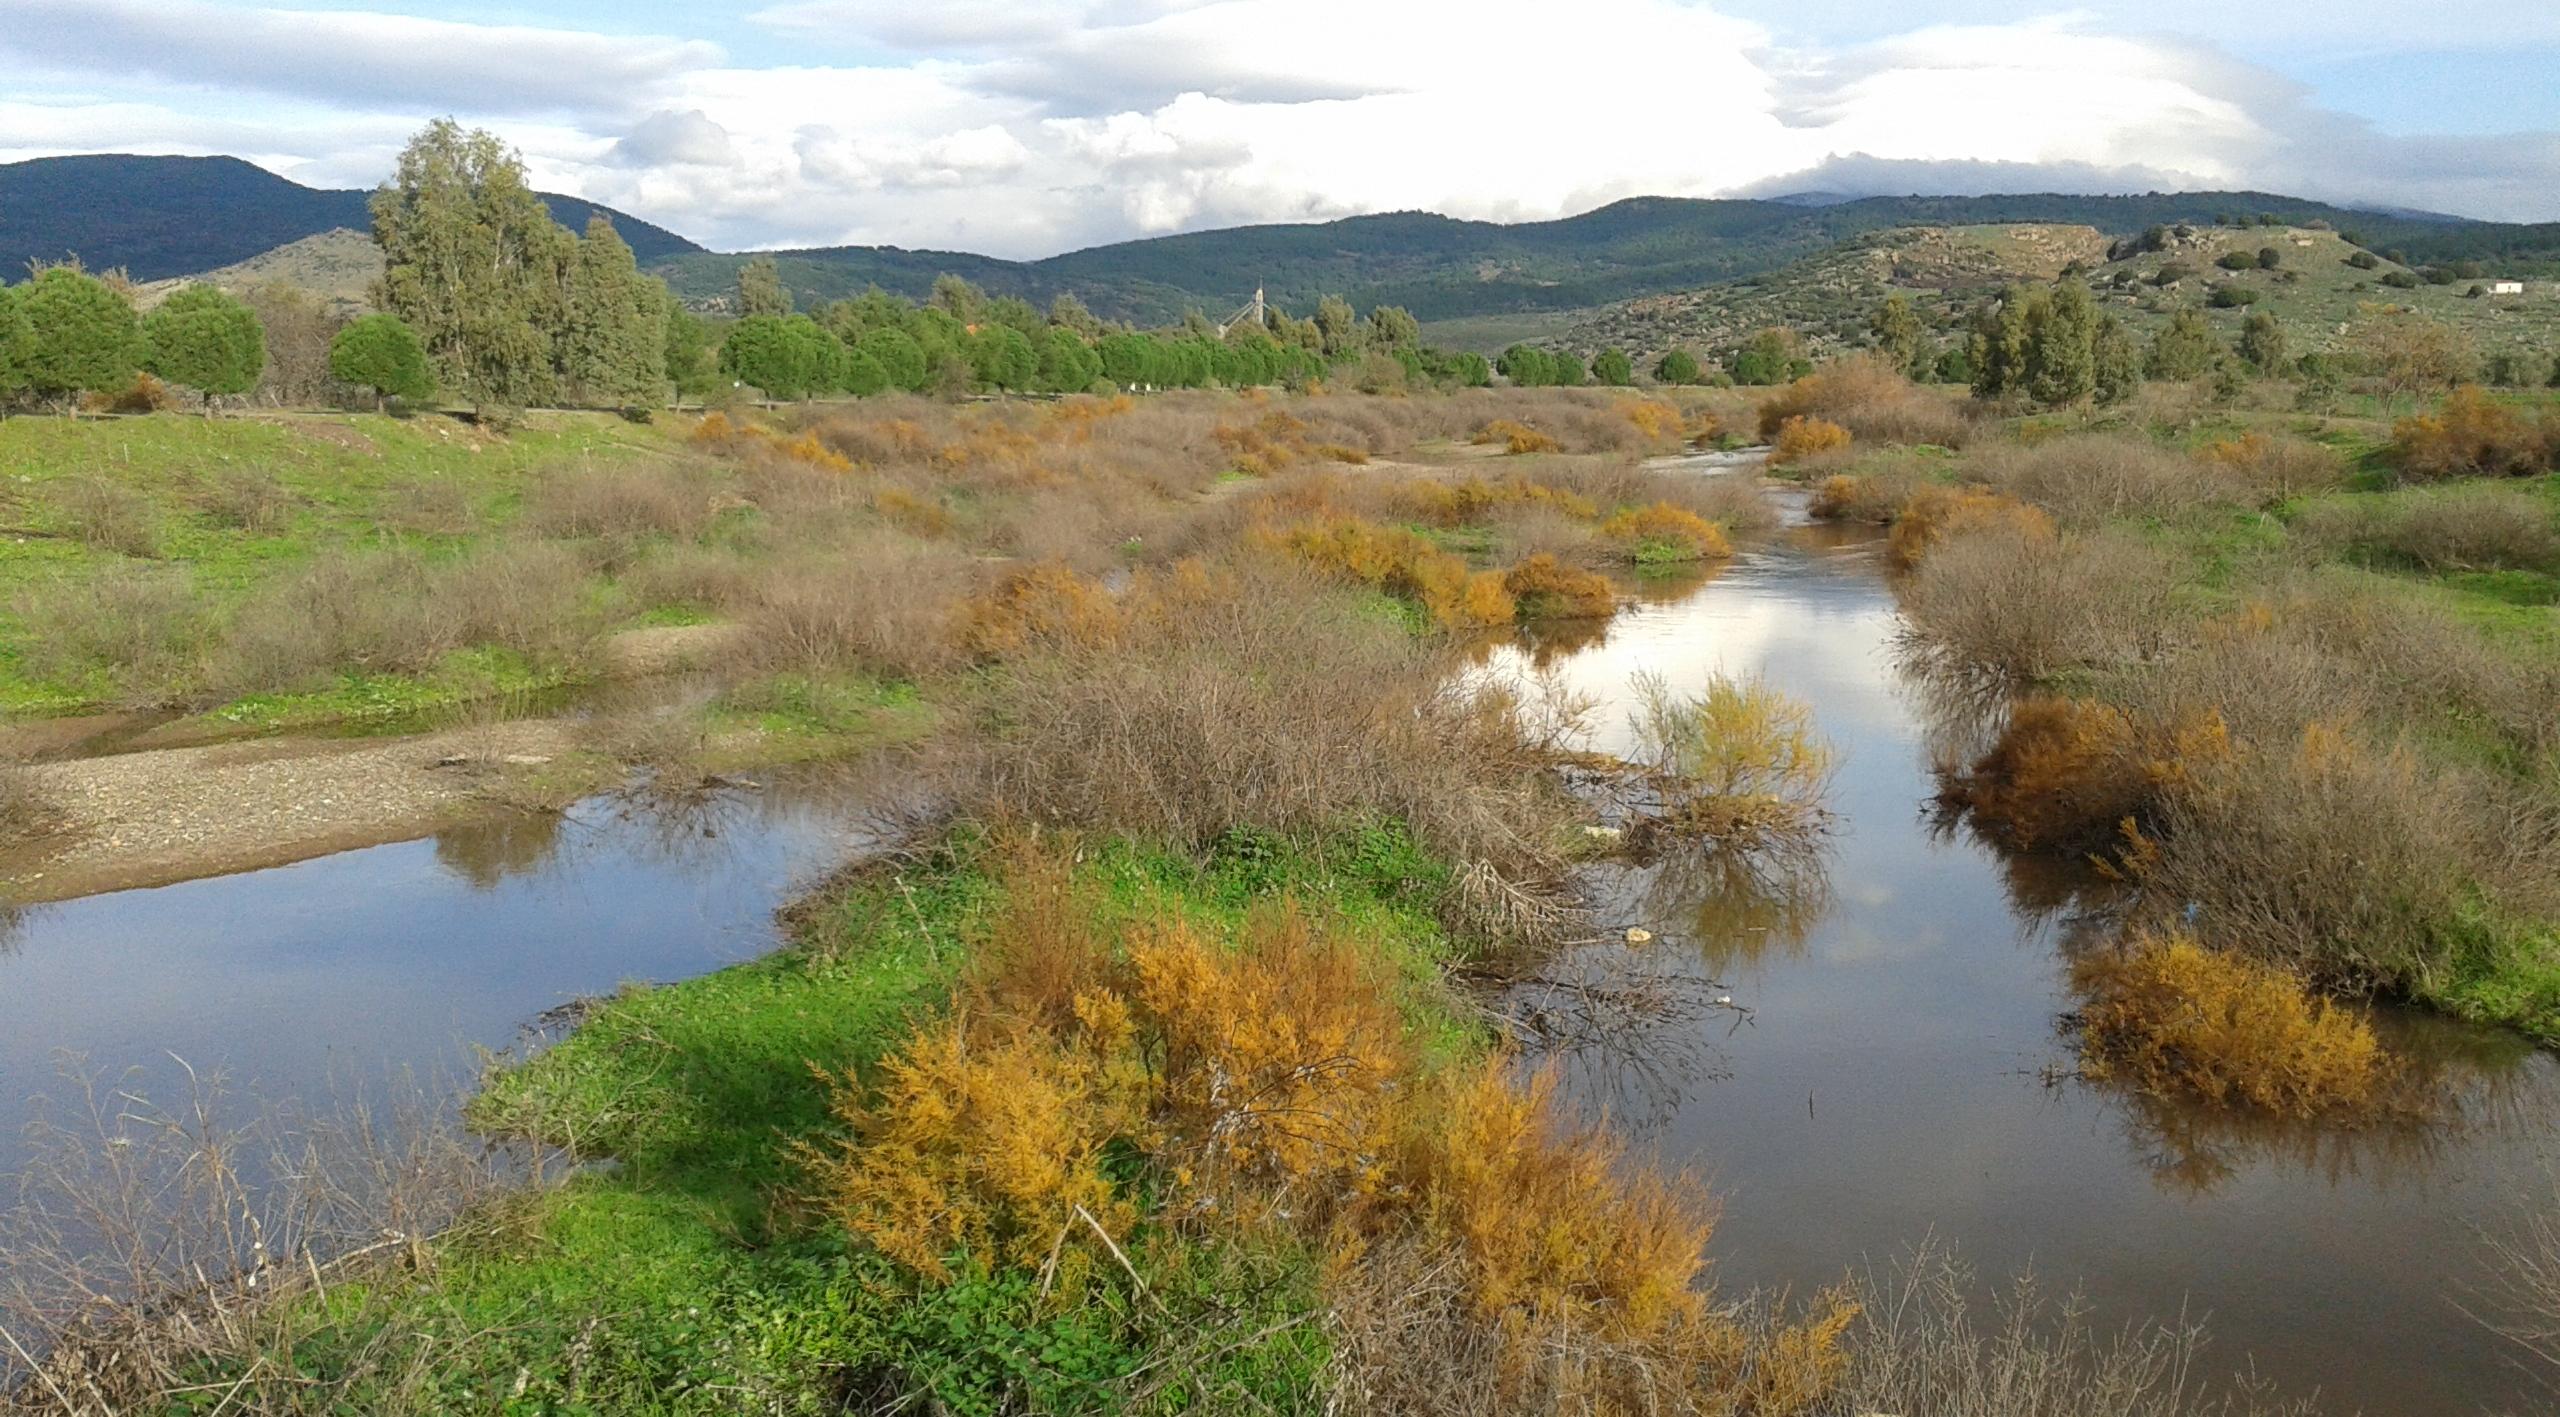 Το φράγμα Τσικνιά και η διαχείριση των υδατικών πόρων